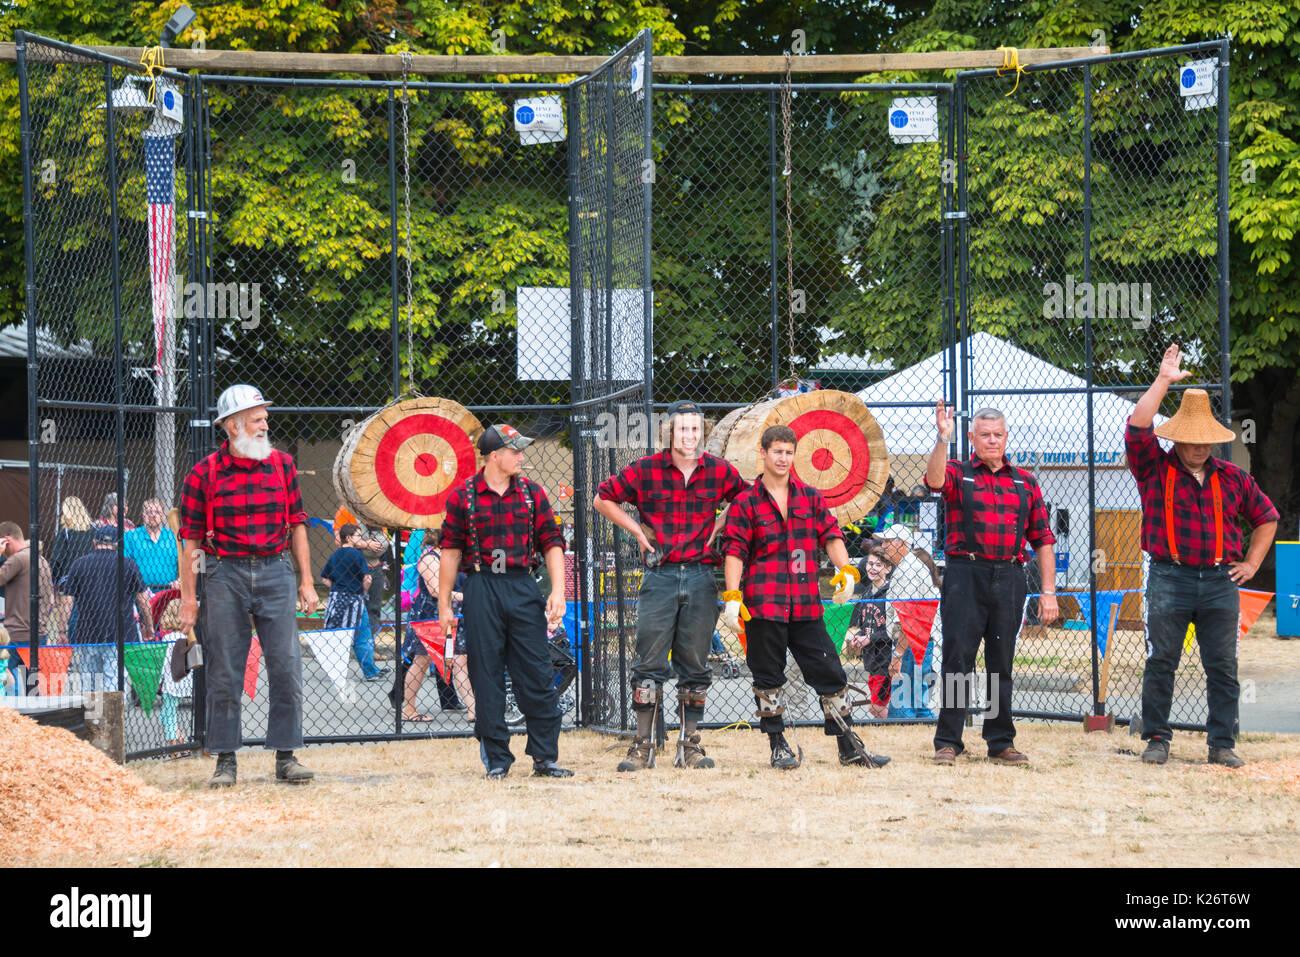 Tagliatori di legname Lumberjack dimostrazione delle competenze Evergreen State Fair Monroe Washington Immagini Stock